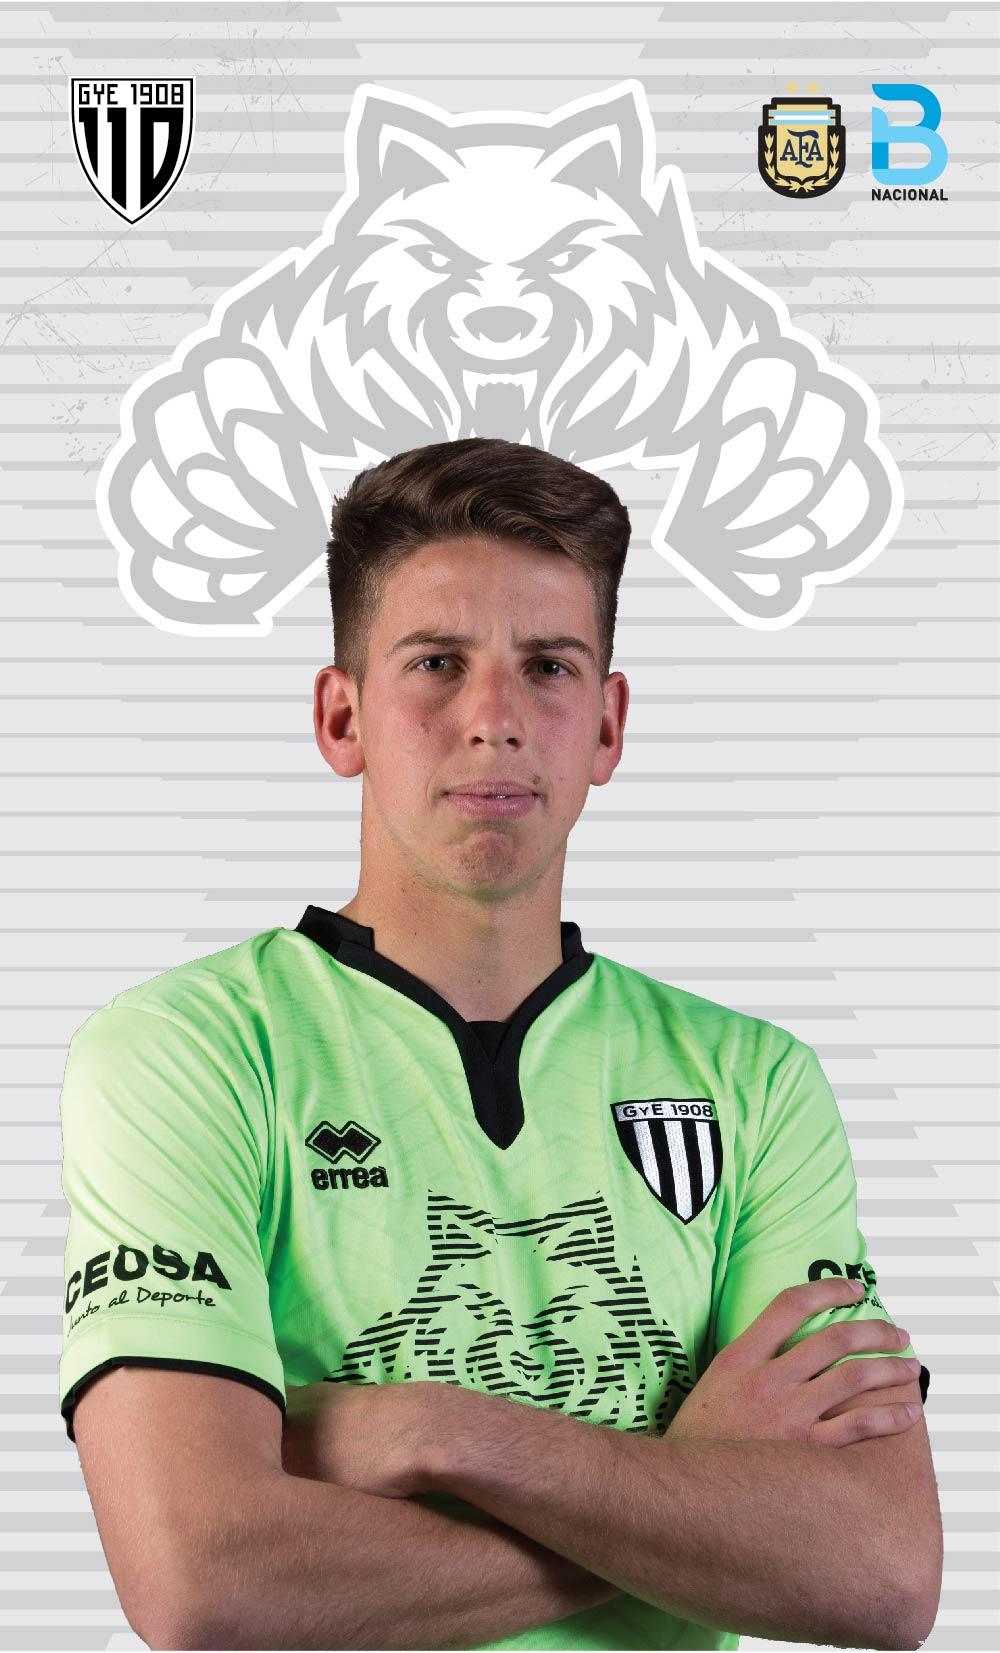 Tomás Giménez Berh